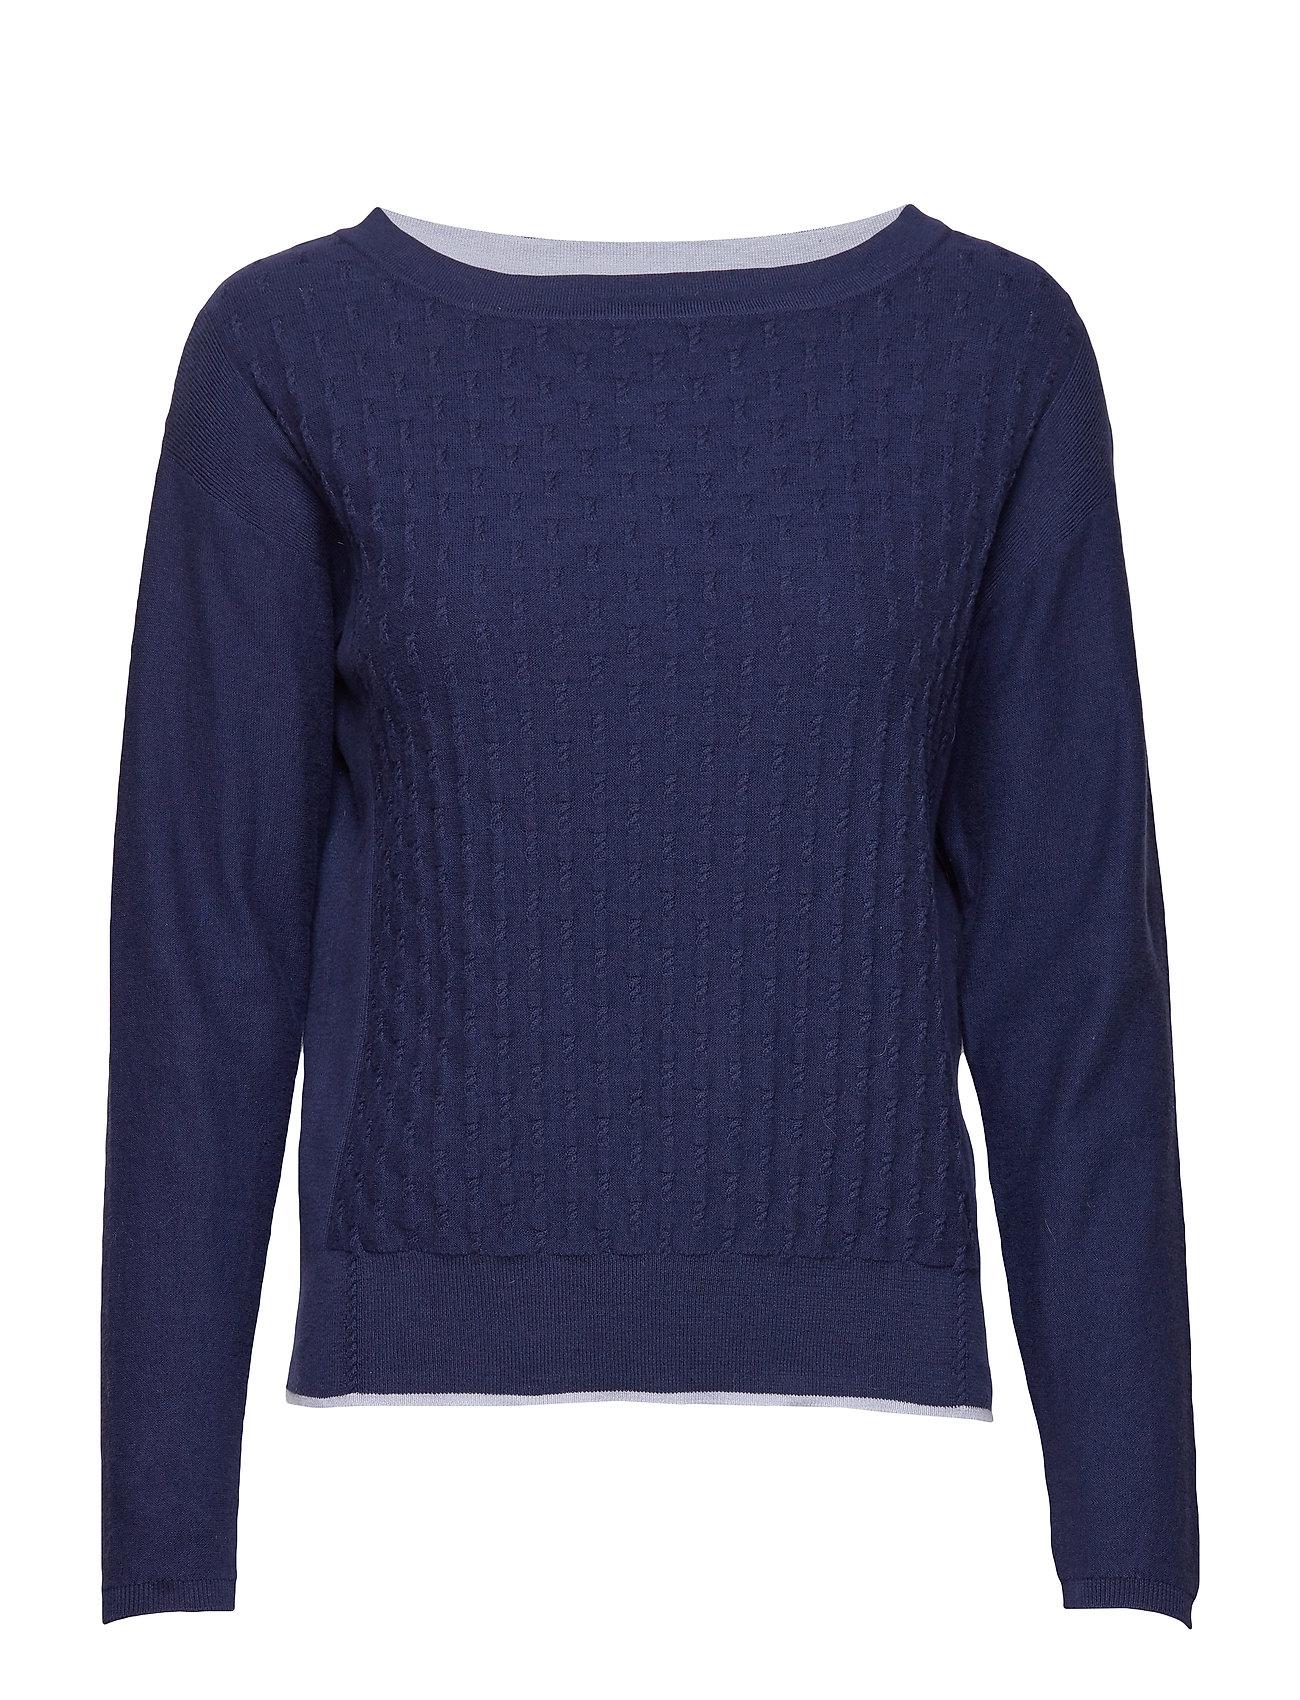 Noa Noa Pullover - PATRIOT BLUE